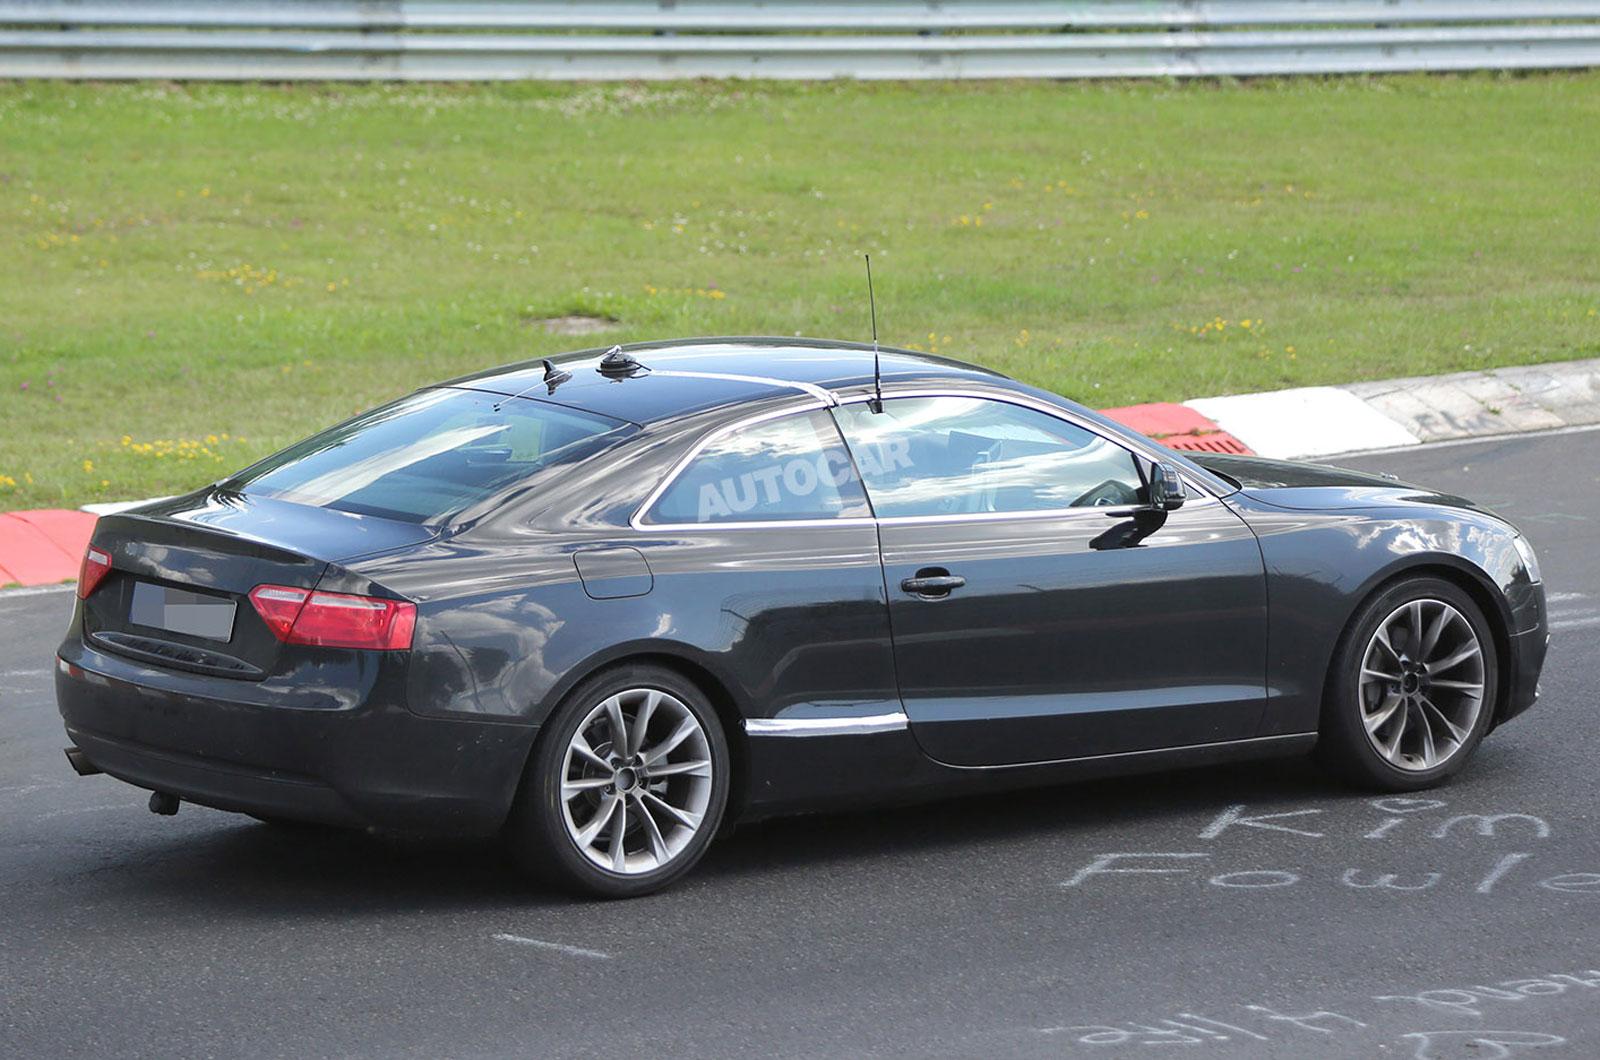 Новая Audi A5 Coupe на дорожных испытаниях. 2014 год